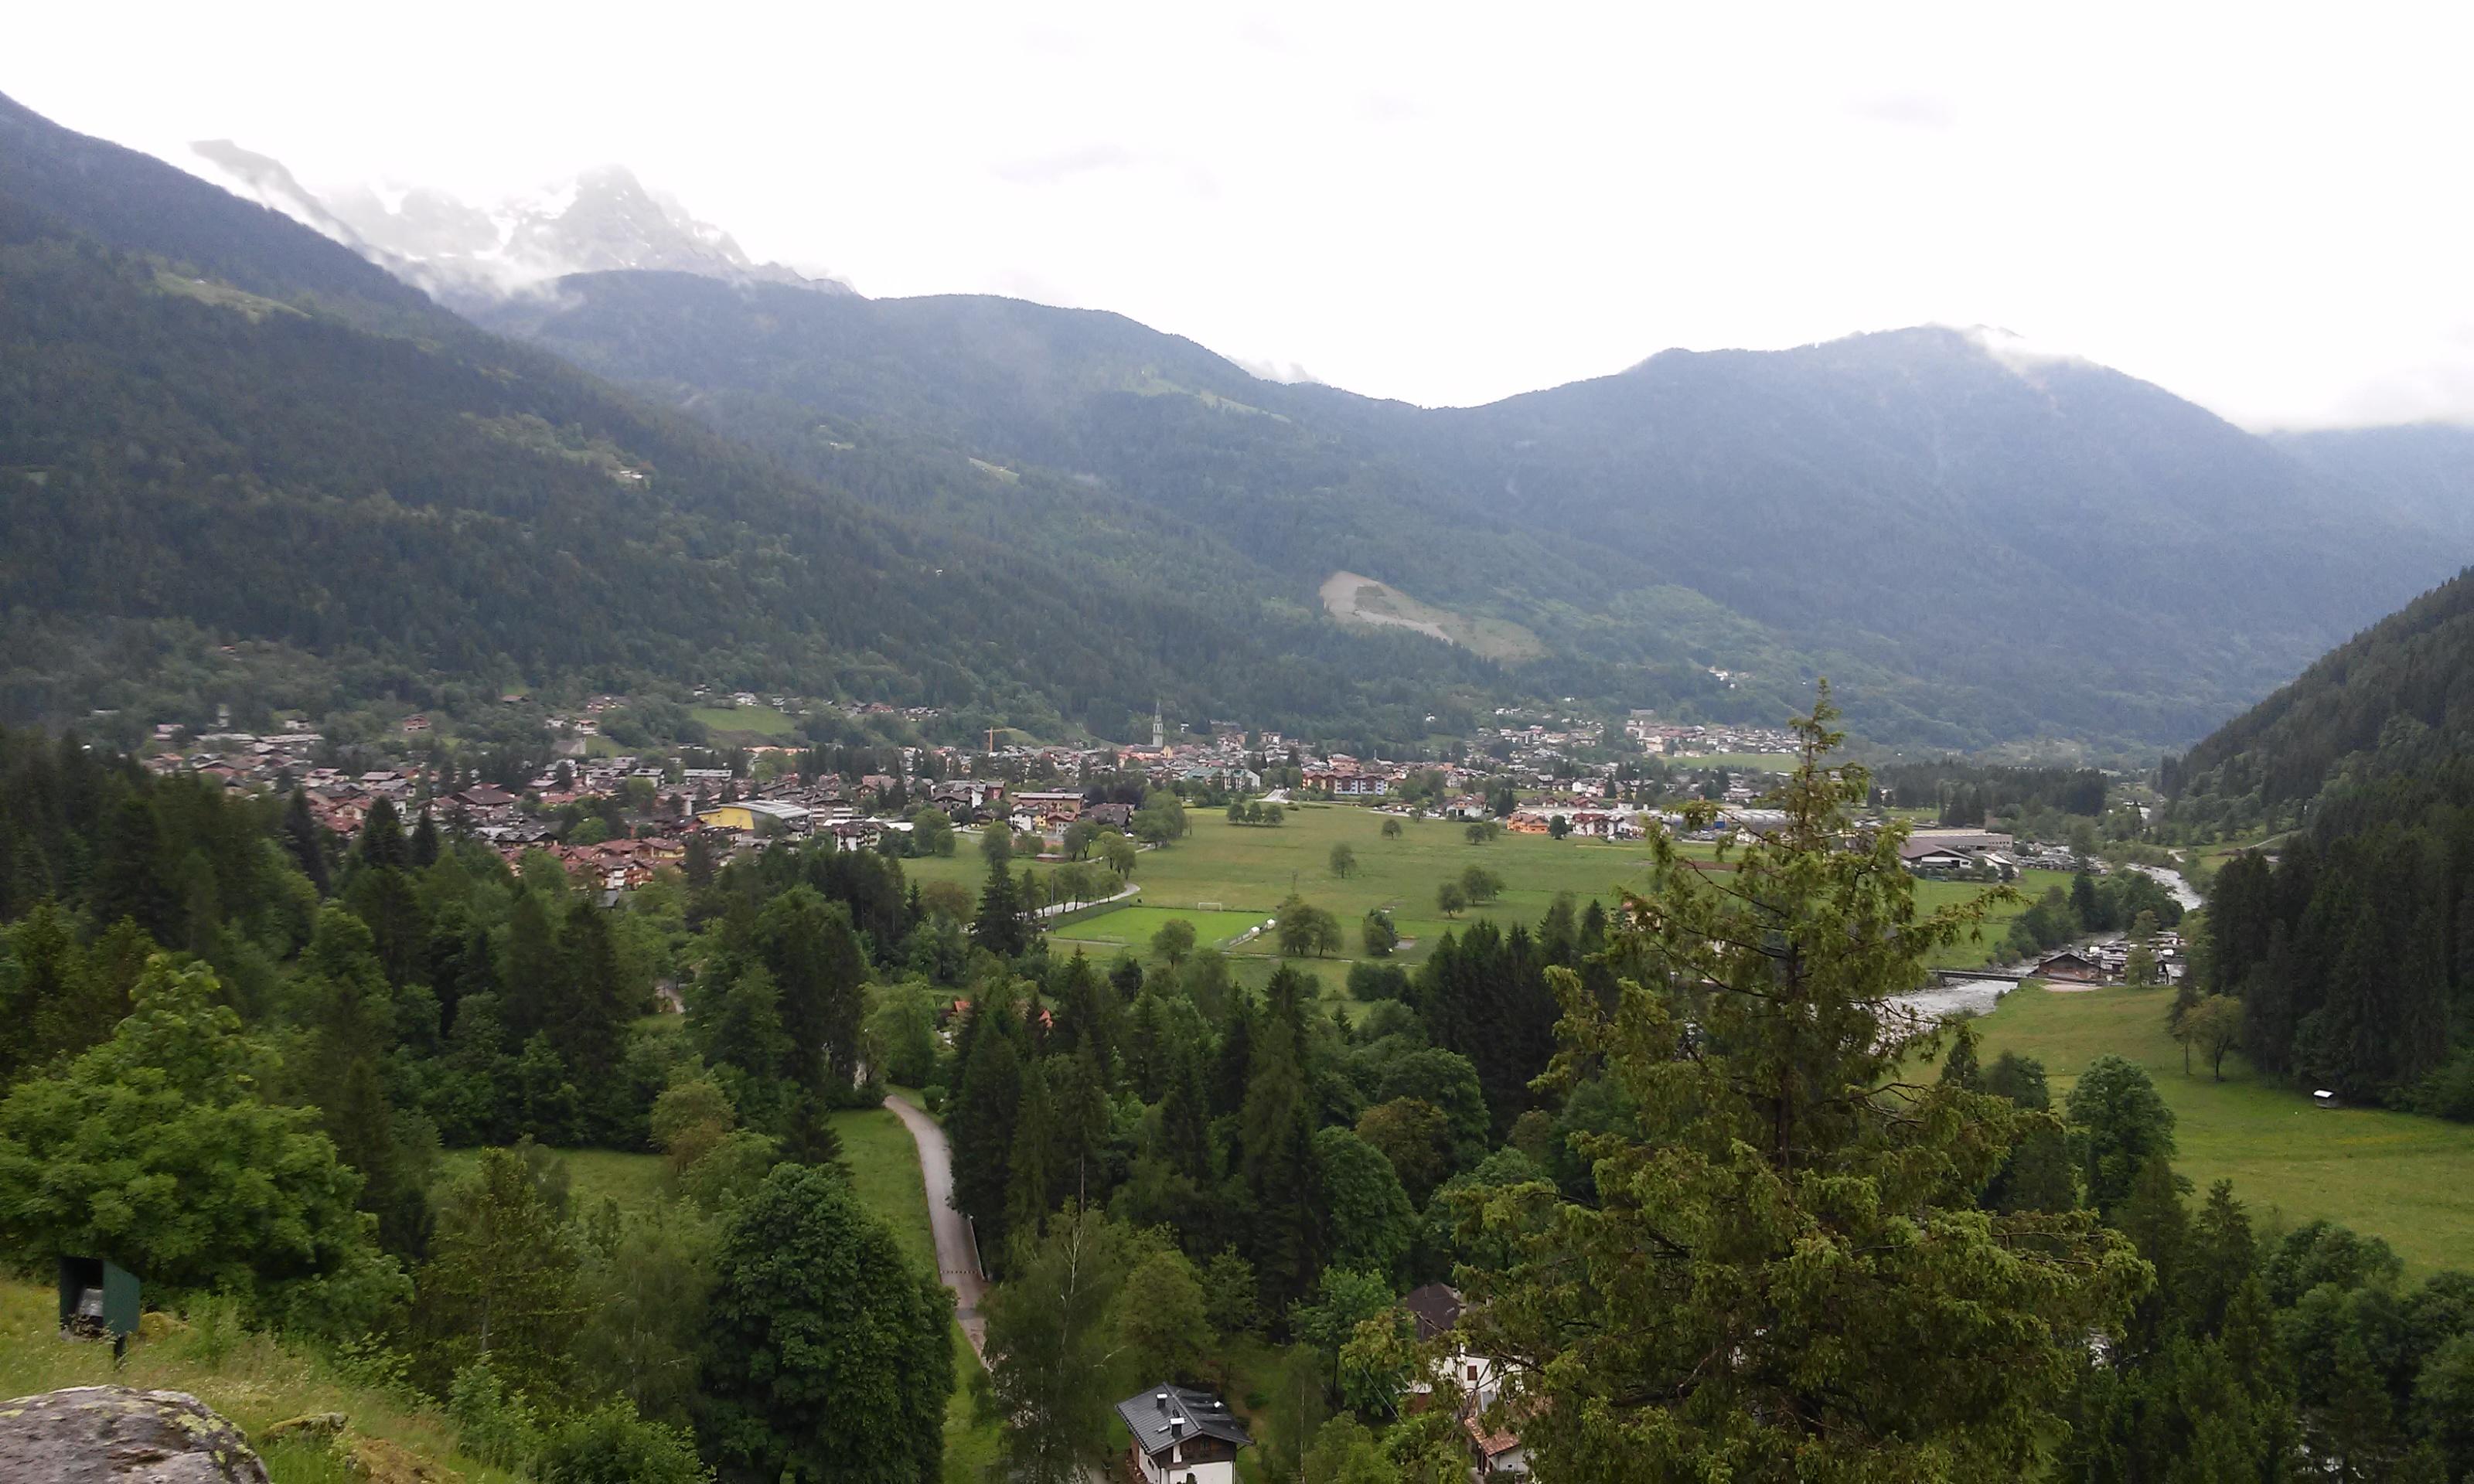 Vista della splendida vallata dove sorge Carisolo (Val Rendena - Trentino), foto scattata dal coach motivazionale Giancarlo Fornei martedì 31 maggio 2016